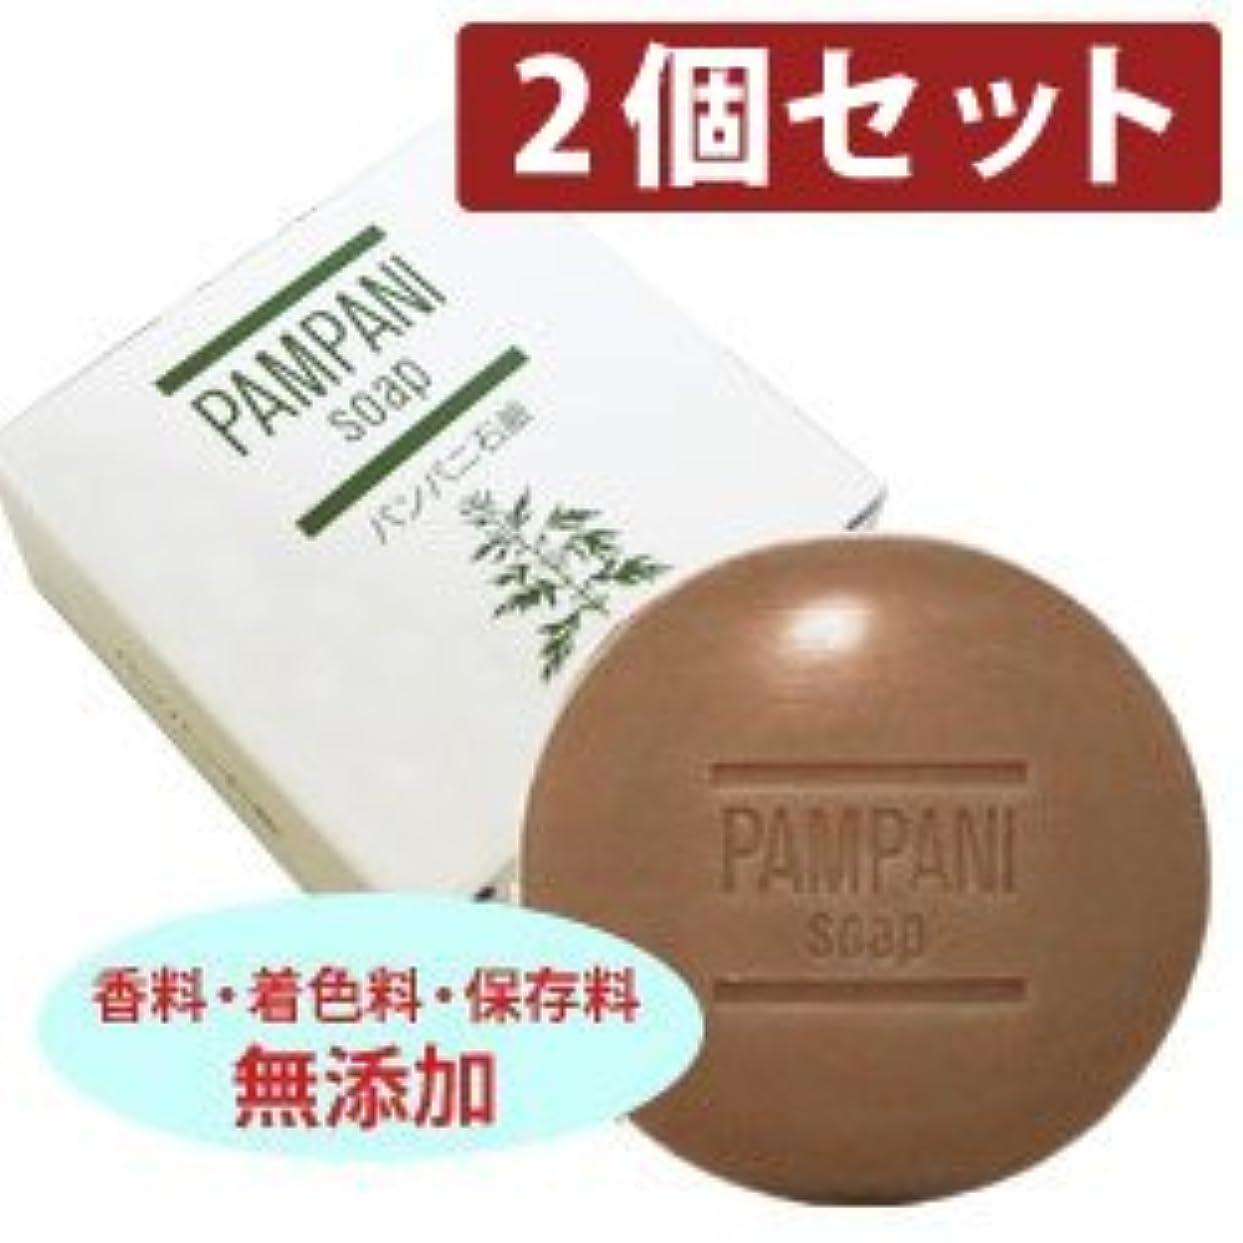 ベース反逆者些細パンパニ 石鹸・90g 【2個セット】